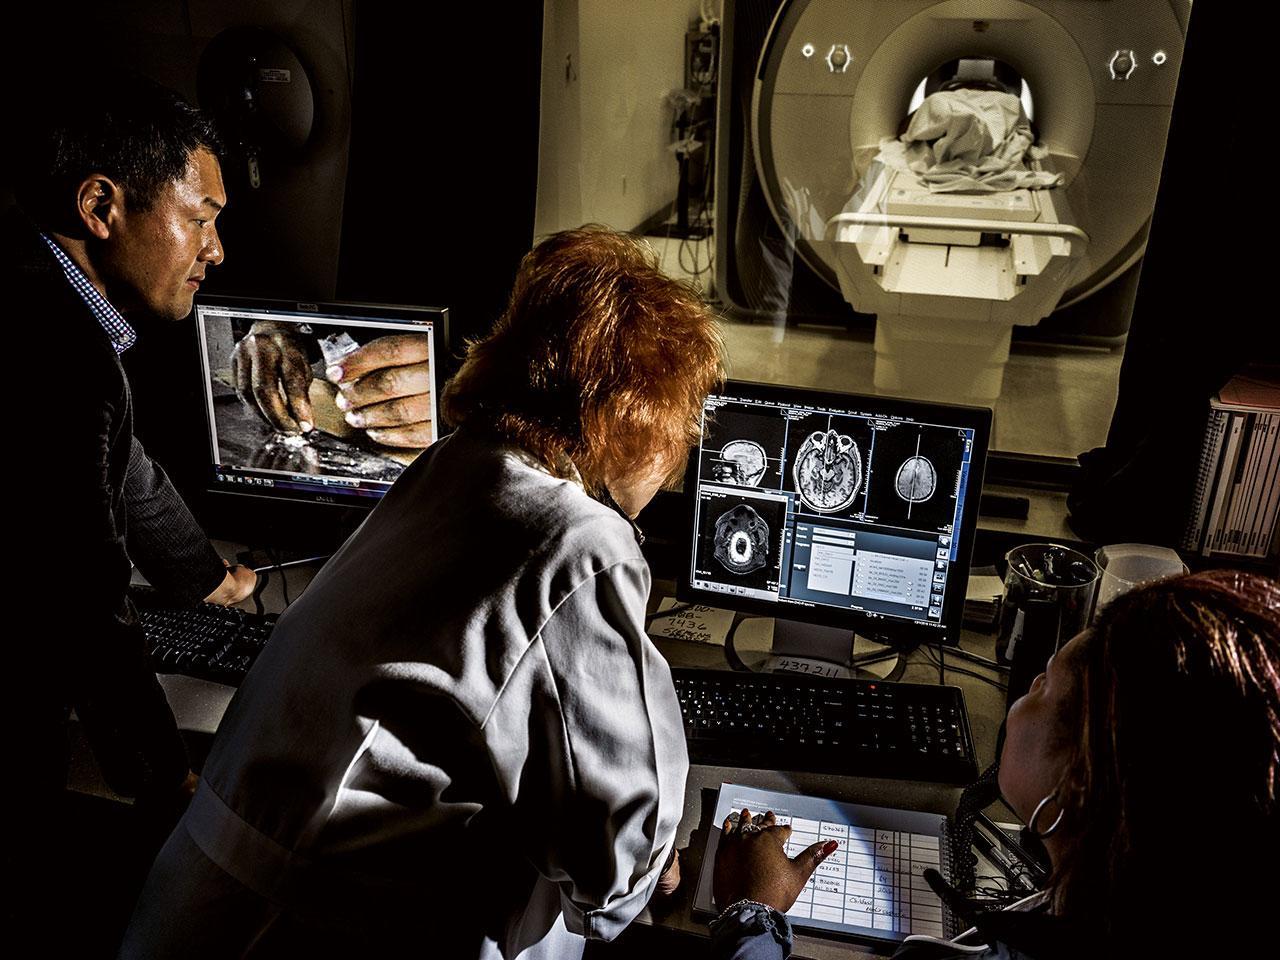 แอนนา โรส ไชล์เดรสส์ นักประสาทวิทยาศาสตร์ ใช้การวิเคราะห์ภาพสแกนสมองของผู้ที่ฟื้นตัวจากการเสพติดโคเคน เพื่อศึกษาว่าสิ่งย้ำเตือนถึงยาซึ่งเกิดขึ้นโดยไม่รู้ตัวไปกระตุ้นระบบการให้รางวัลของสมอง และทำให้กลับมาเสพติดอีกได้อย่างไร เมื่อเธอให้ผู้ป่วยดูภาพต่างๆ เช่น ภาพโคเคนบนจอภาพทางซ้ายเพียง 33 มิลลิวินาที วงจรการให้รางวัลในสมองของพวกเขาก็ถูกกระตุ้น